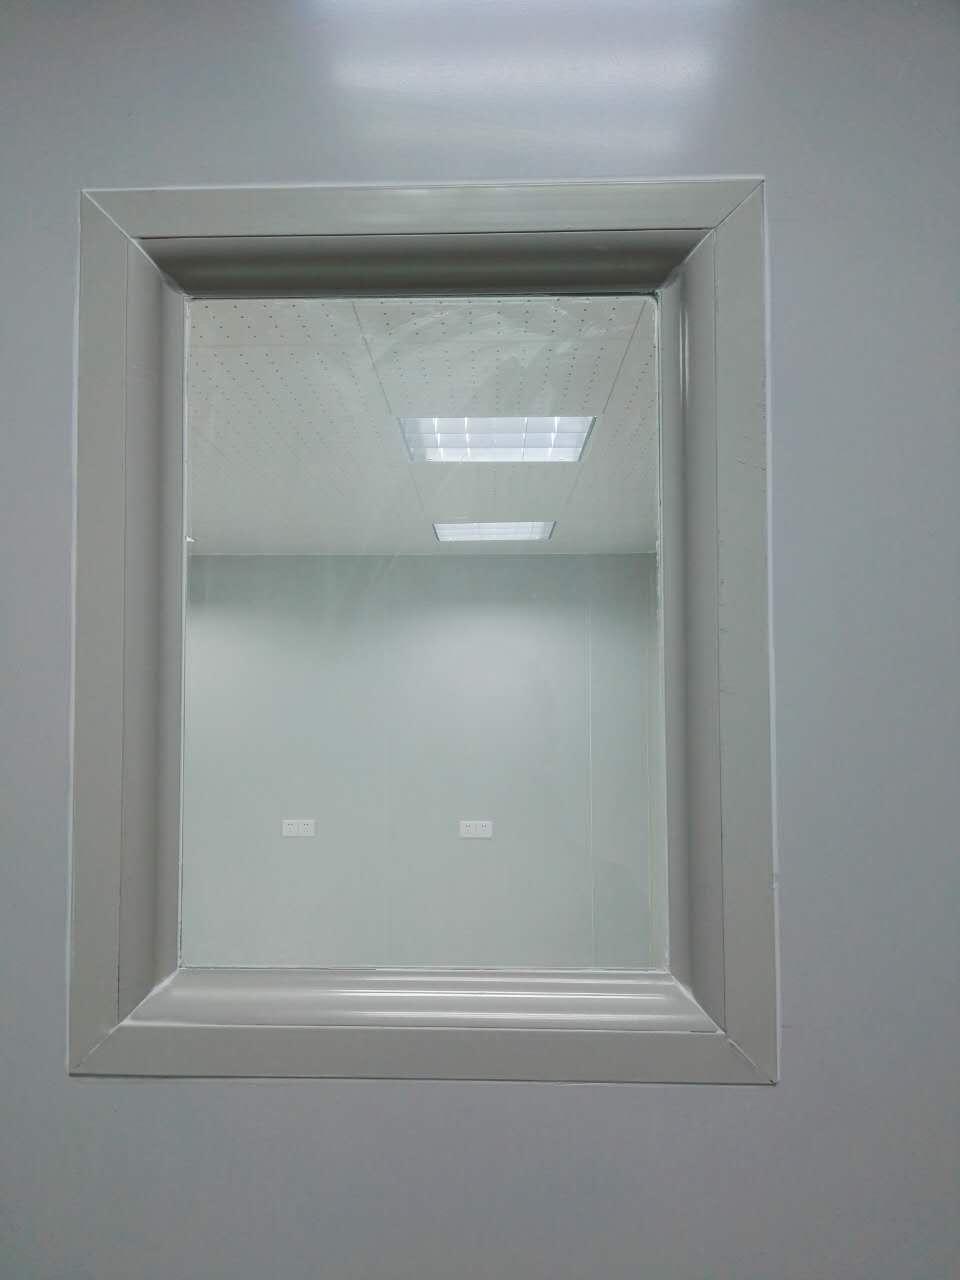 观察窗展示